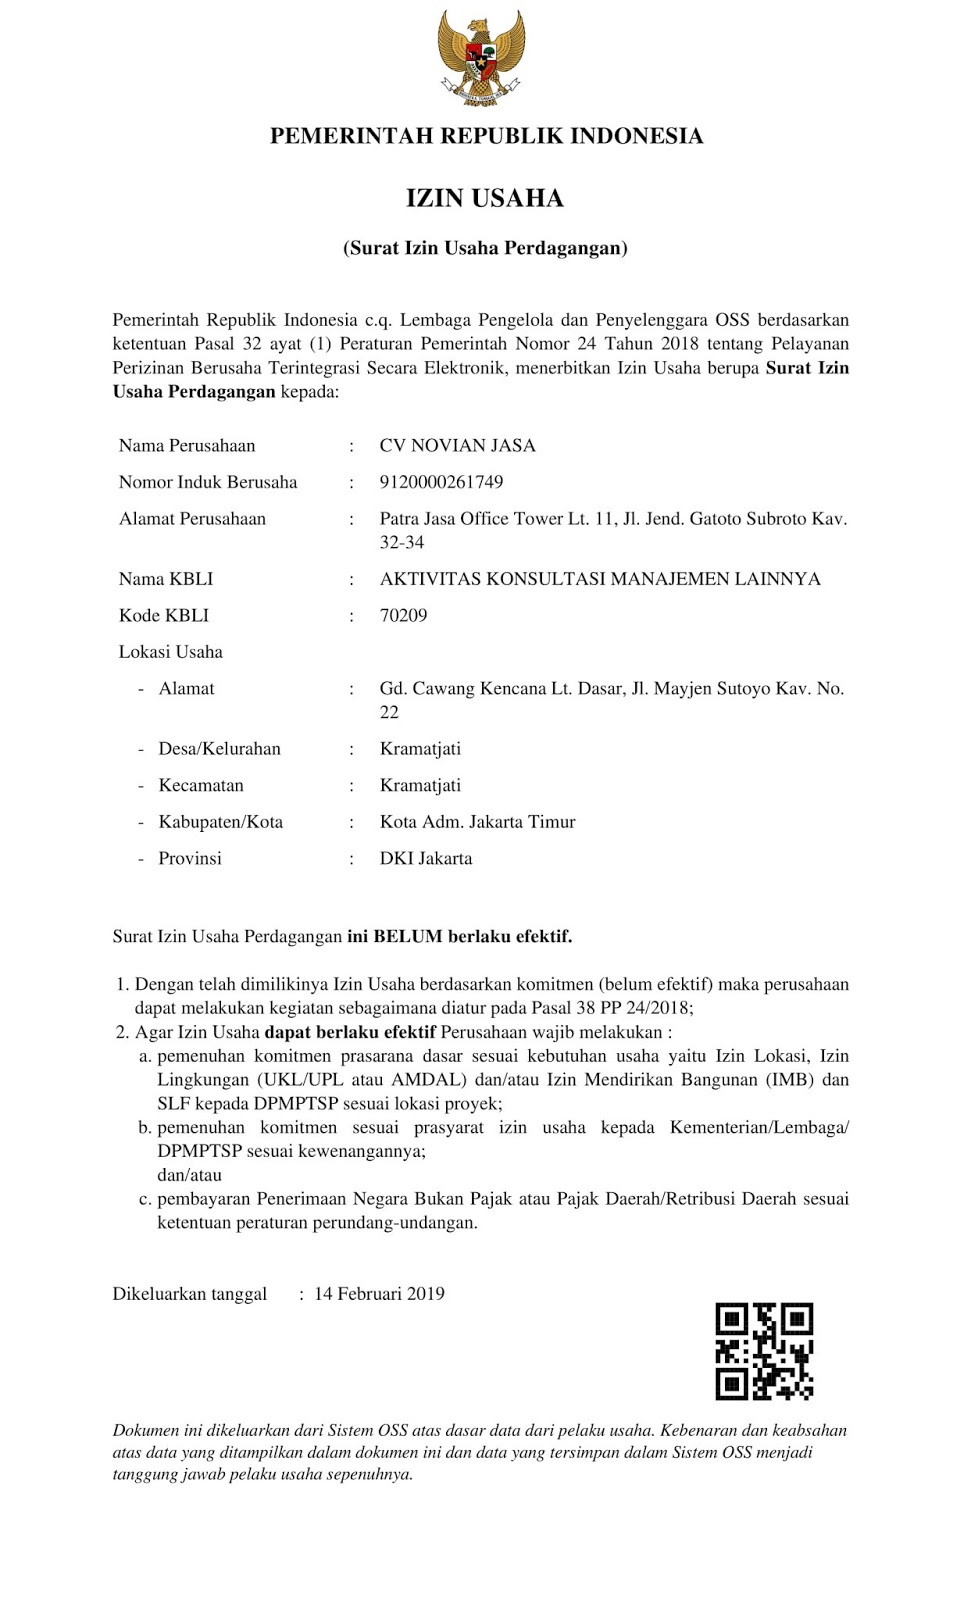 Merubah Surat Izin Usaha Perdagangan Ini Belum Berlaku Efektif Menjadi Telah Berlaku Efektif Di Oss Jasa Izin Usaha Nib 2020